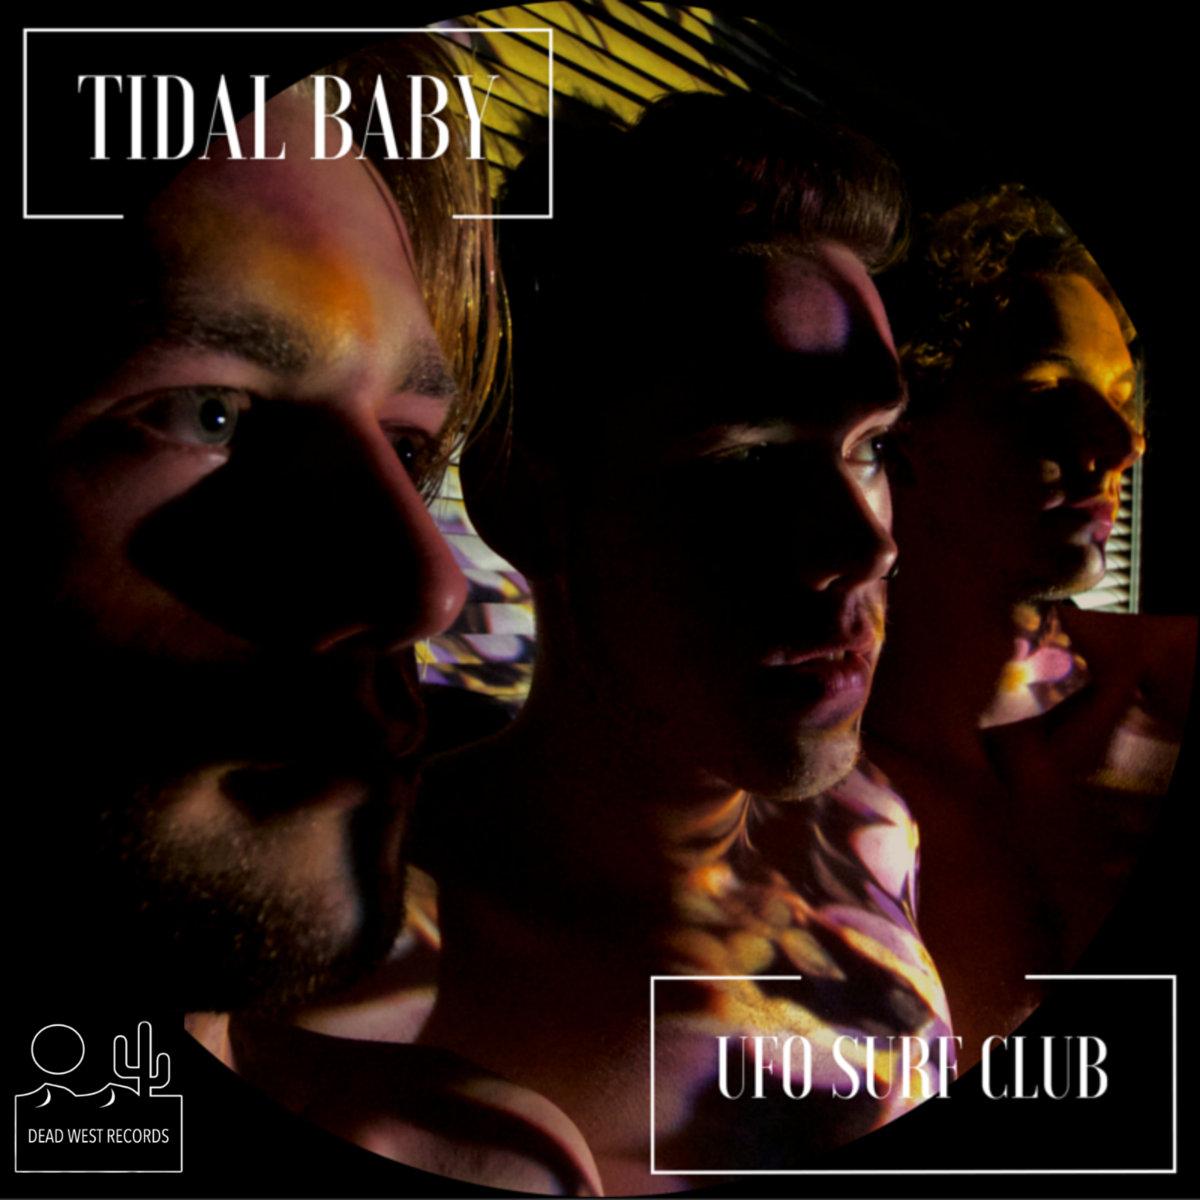 Tidal Baby - UFO Surf Club